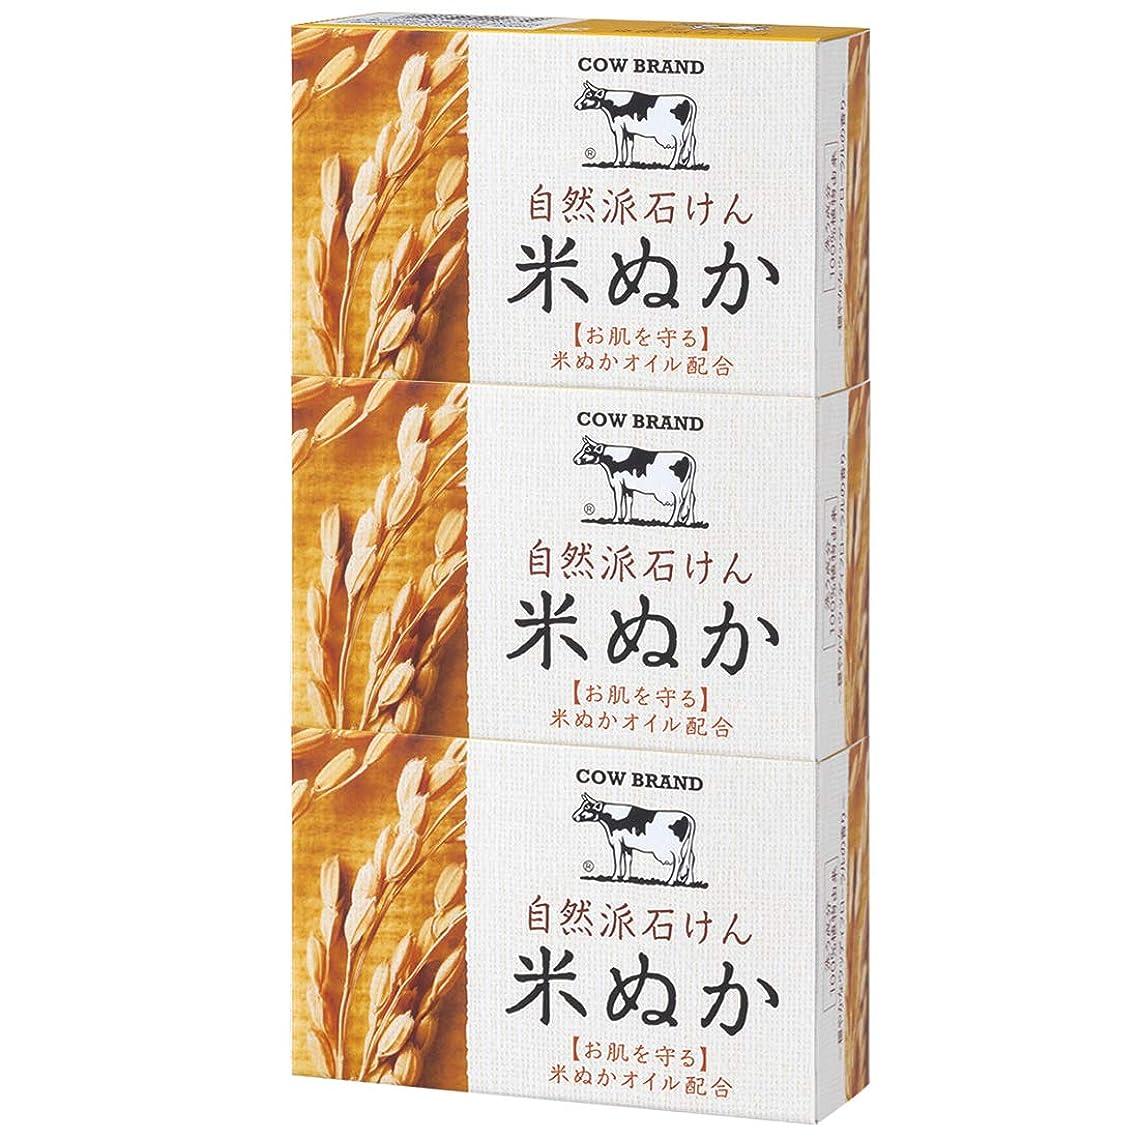 可能にするレンディション羨望カウブランド 自然派石けん 米ぬか 100g*3個